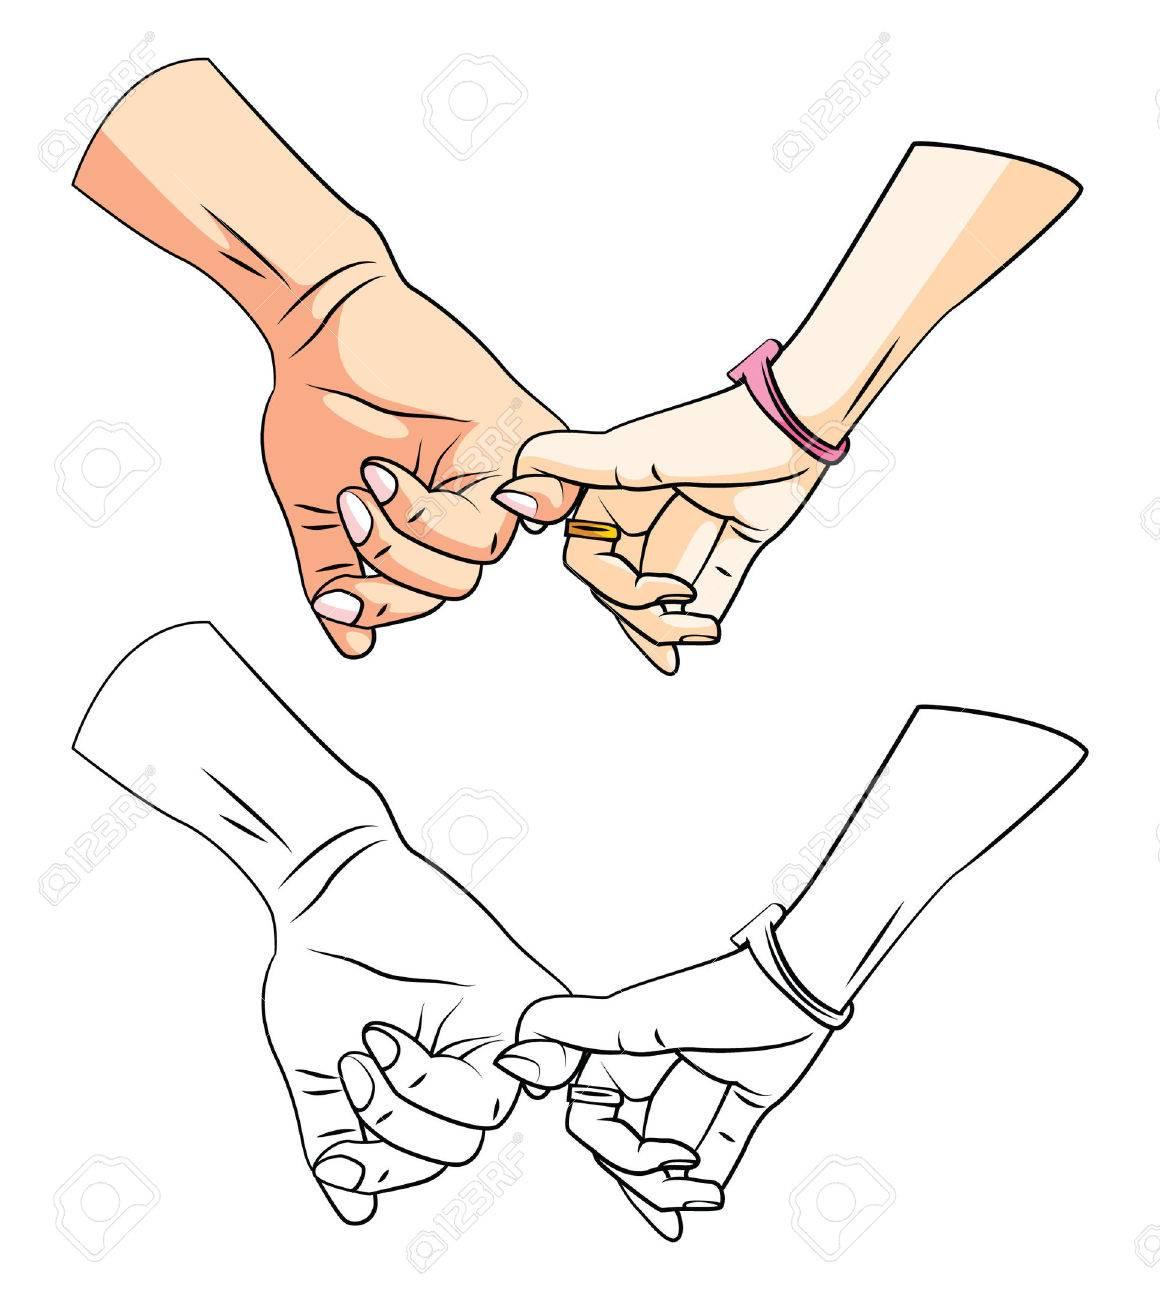 Livre À Colorier Personnage De Dessin Animé Relationship Main tout Personnage A Colorier